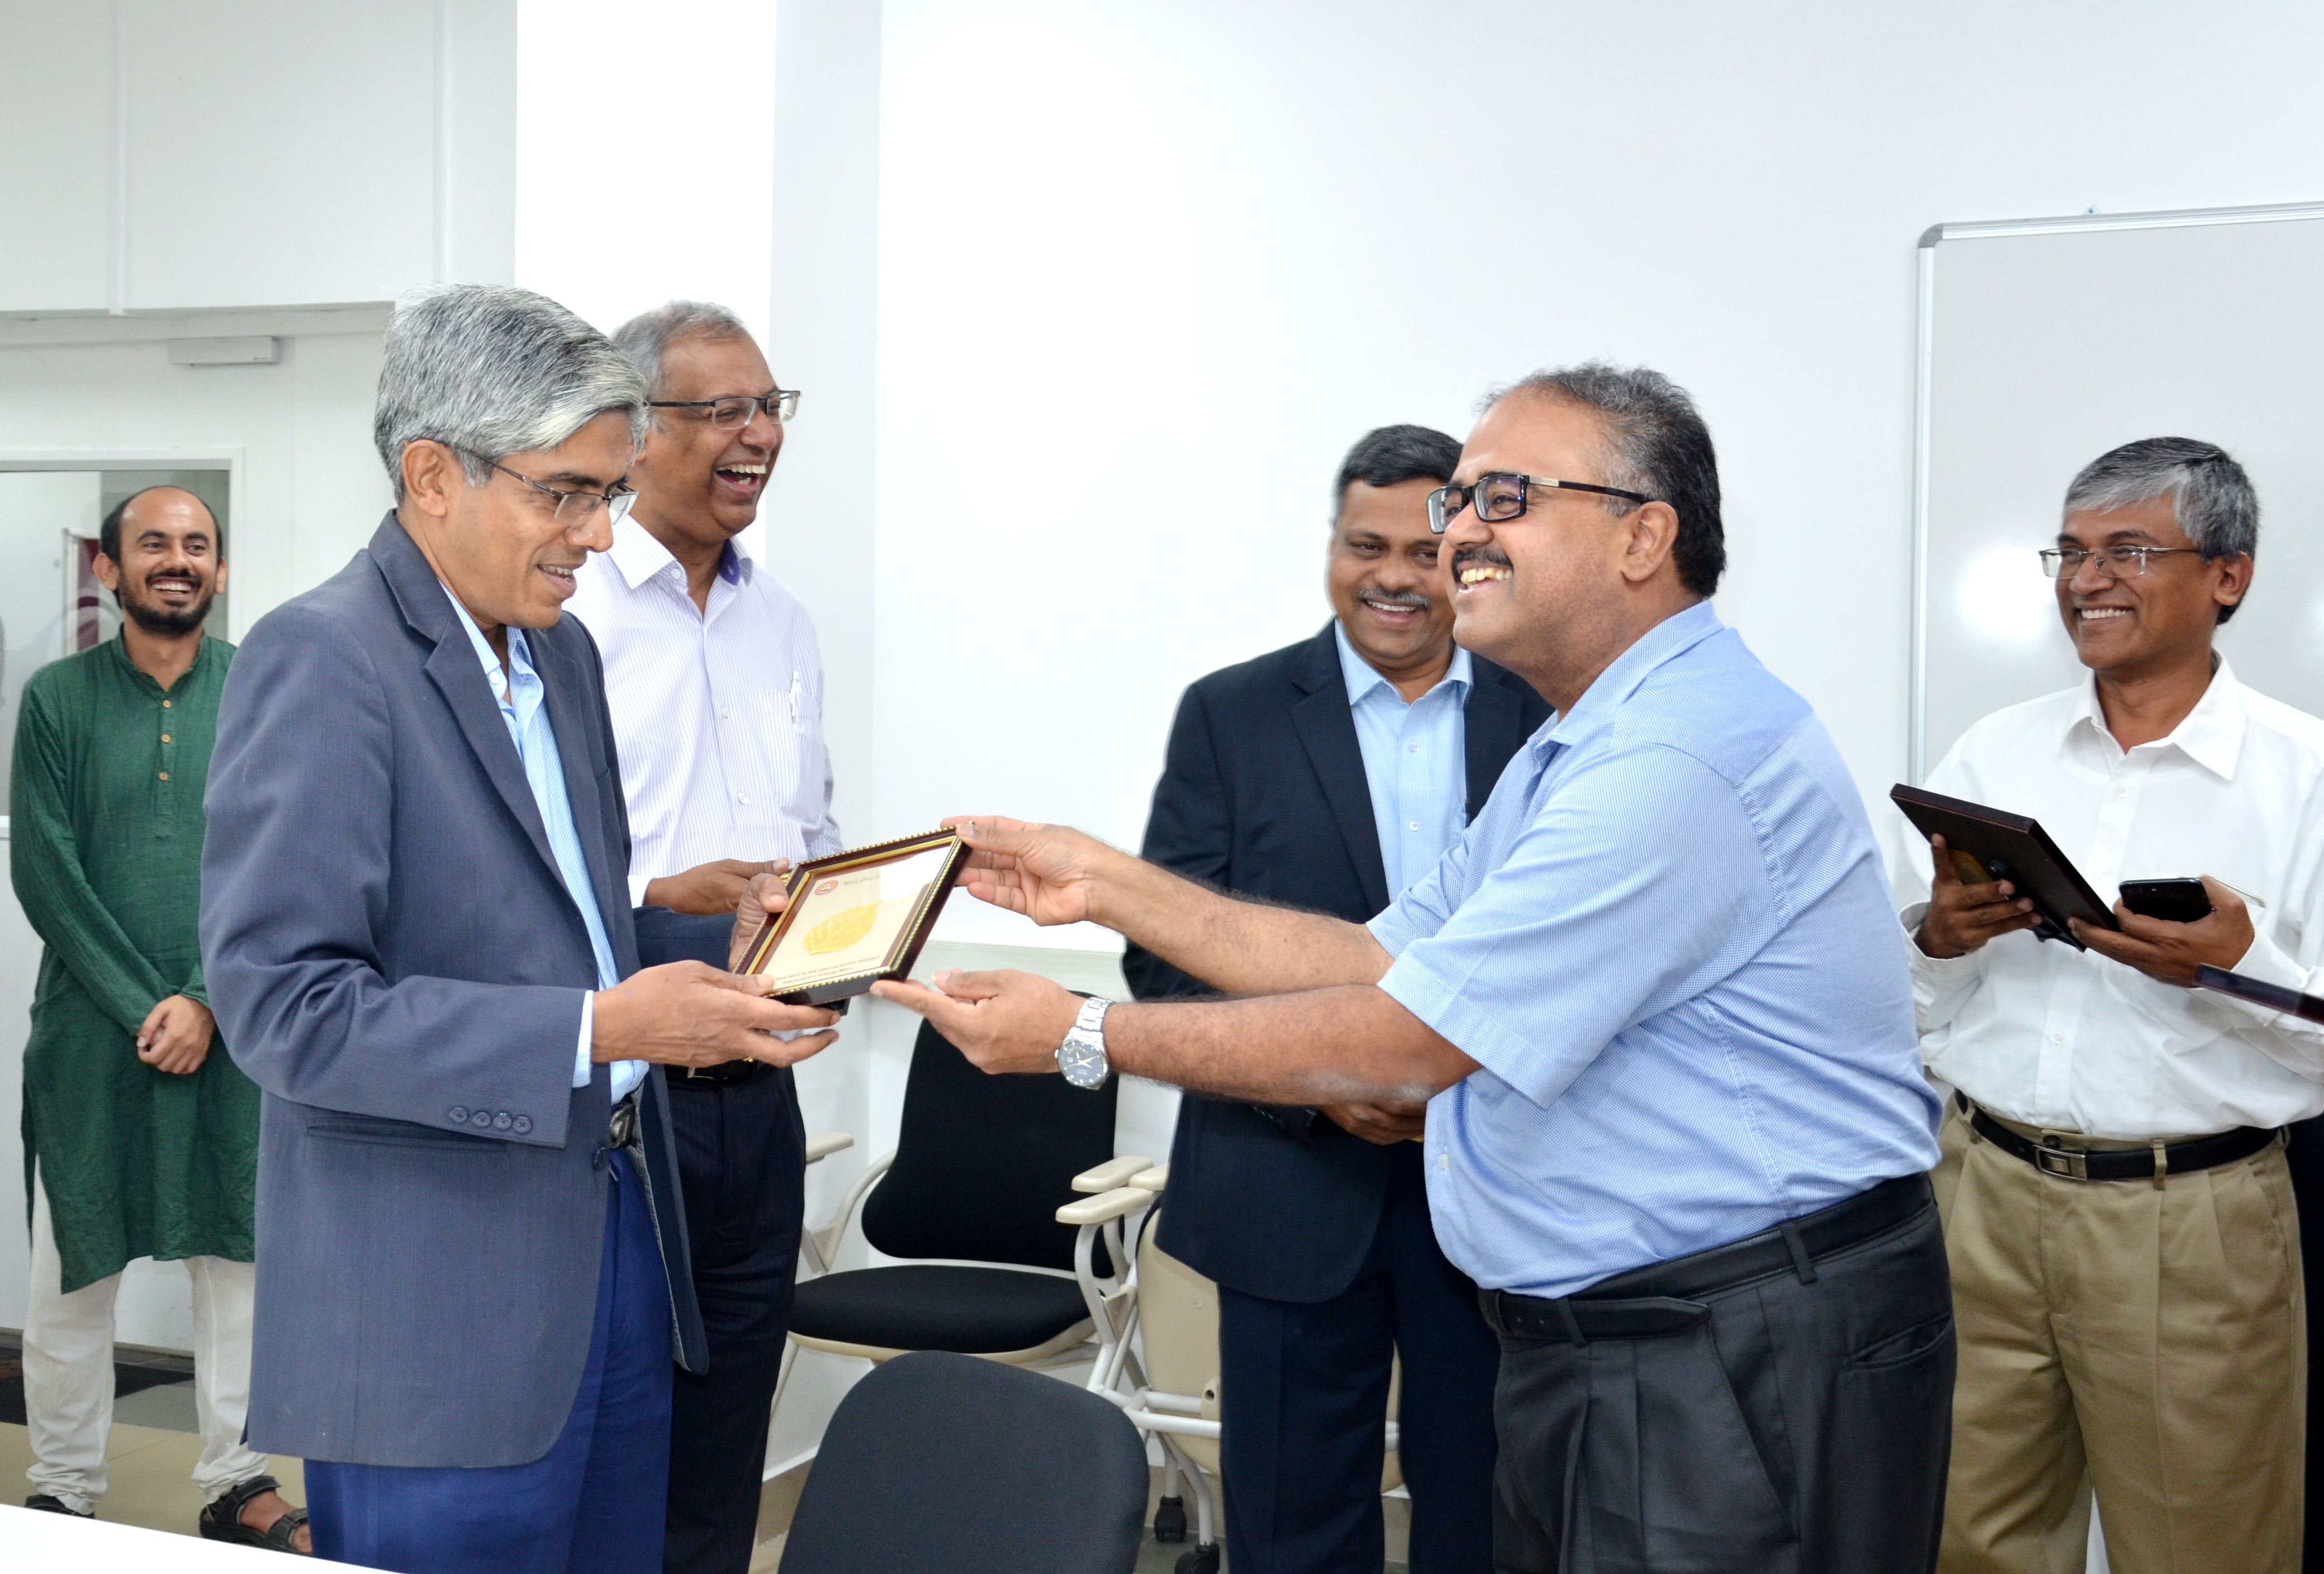 Eröffnungszeremonie des Bosch-Zentrums für Data Science und KI an Hightech-Universität Madras